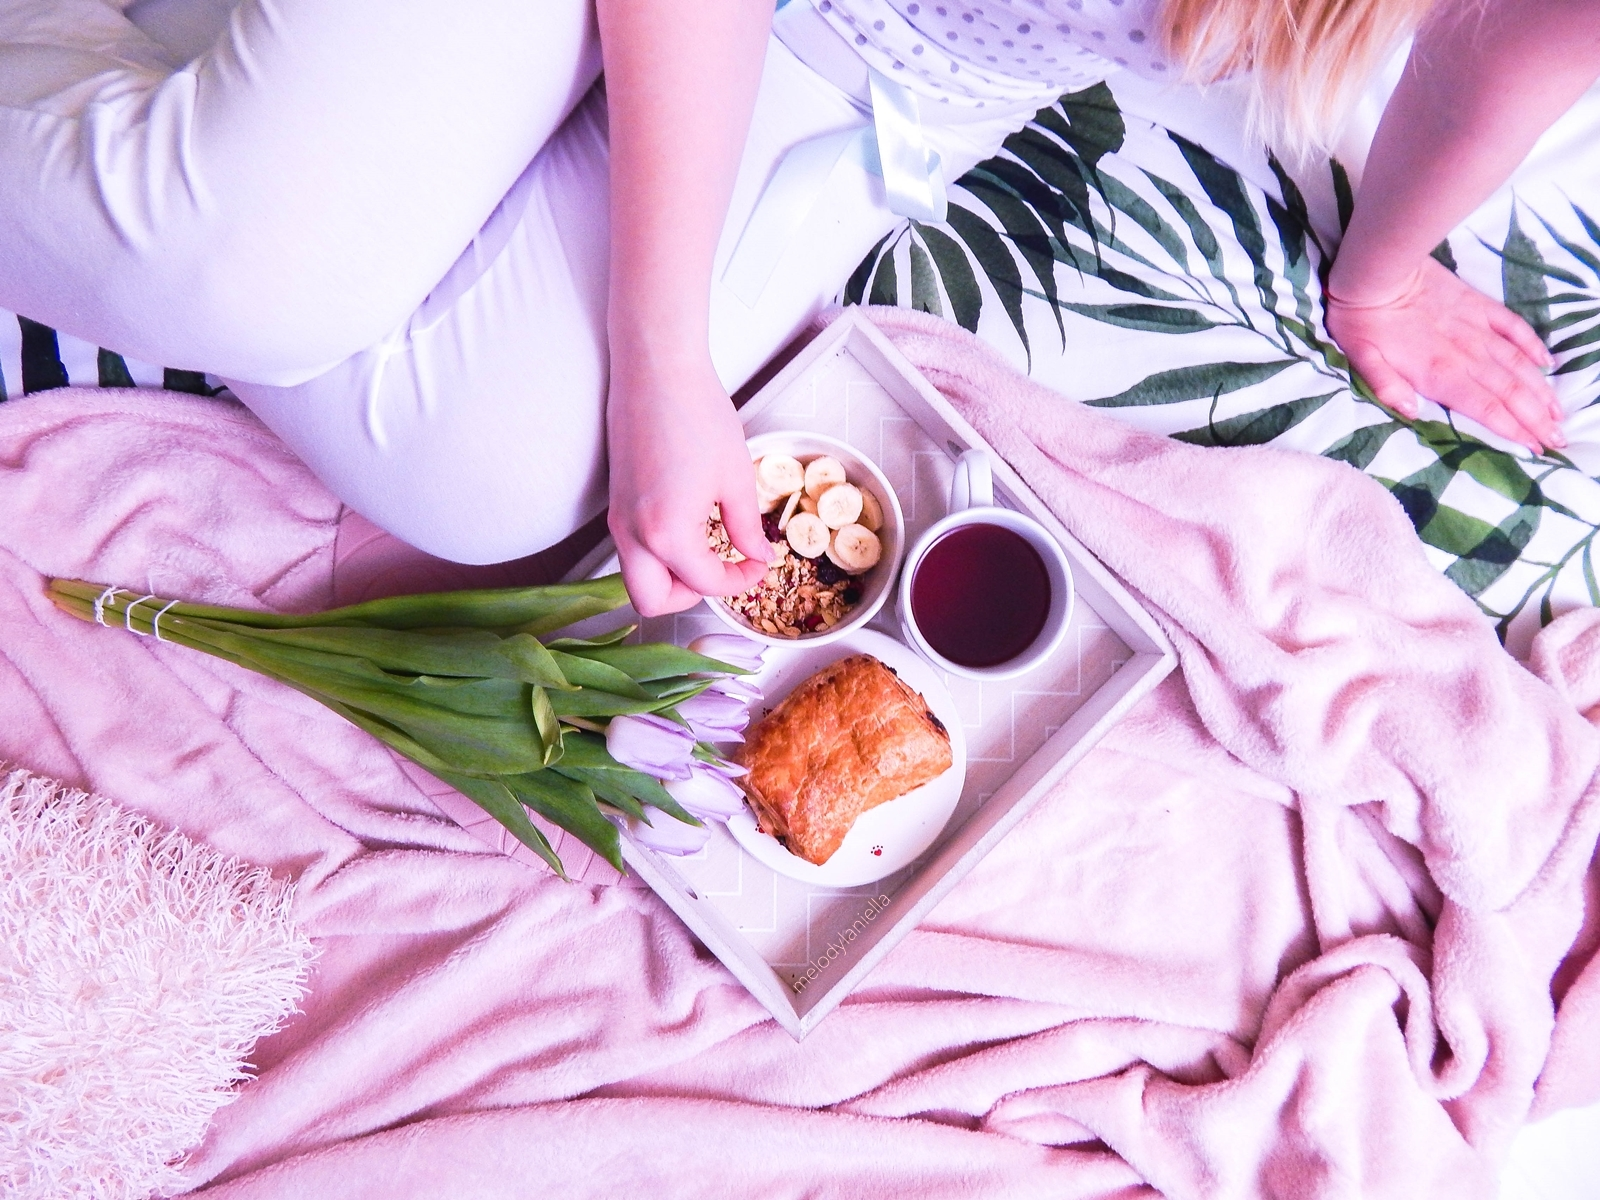 poranne rytuały jak sprawić by poranek stał się przyjemny biżuteria sotho jakość opinie maseczki w płachcie crazy mask bielenda dodatki pościel white pocket pepco różowy koc kwiaty piżama masenso wygodne bawełniane piżamy